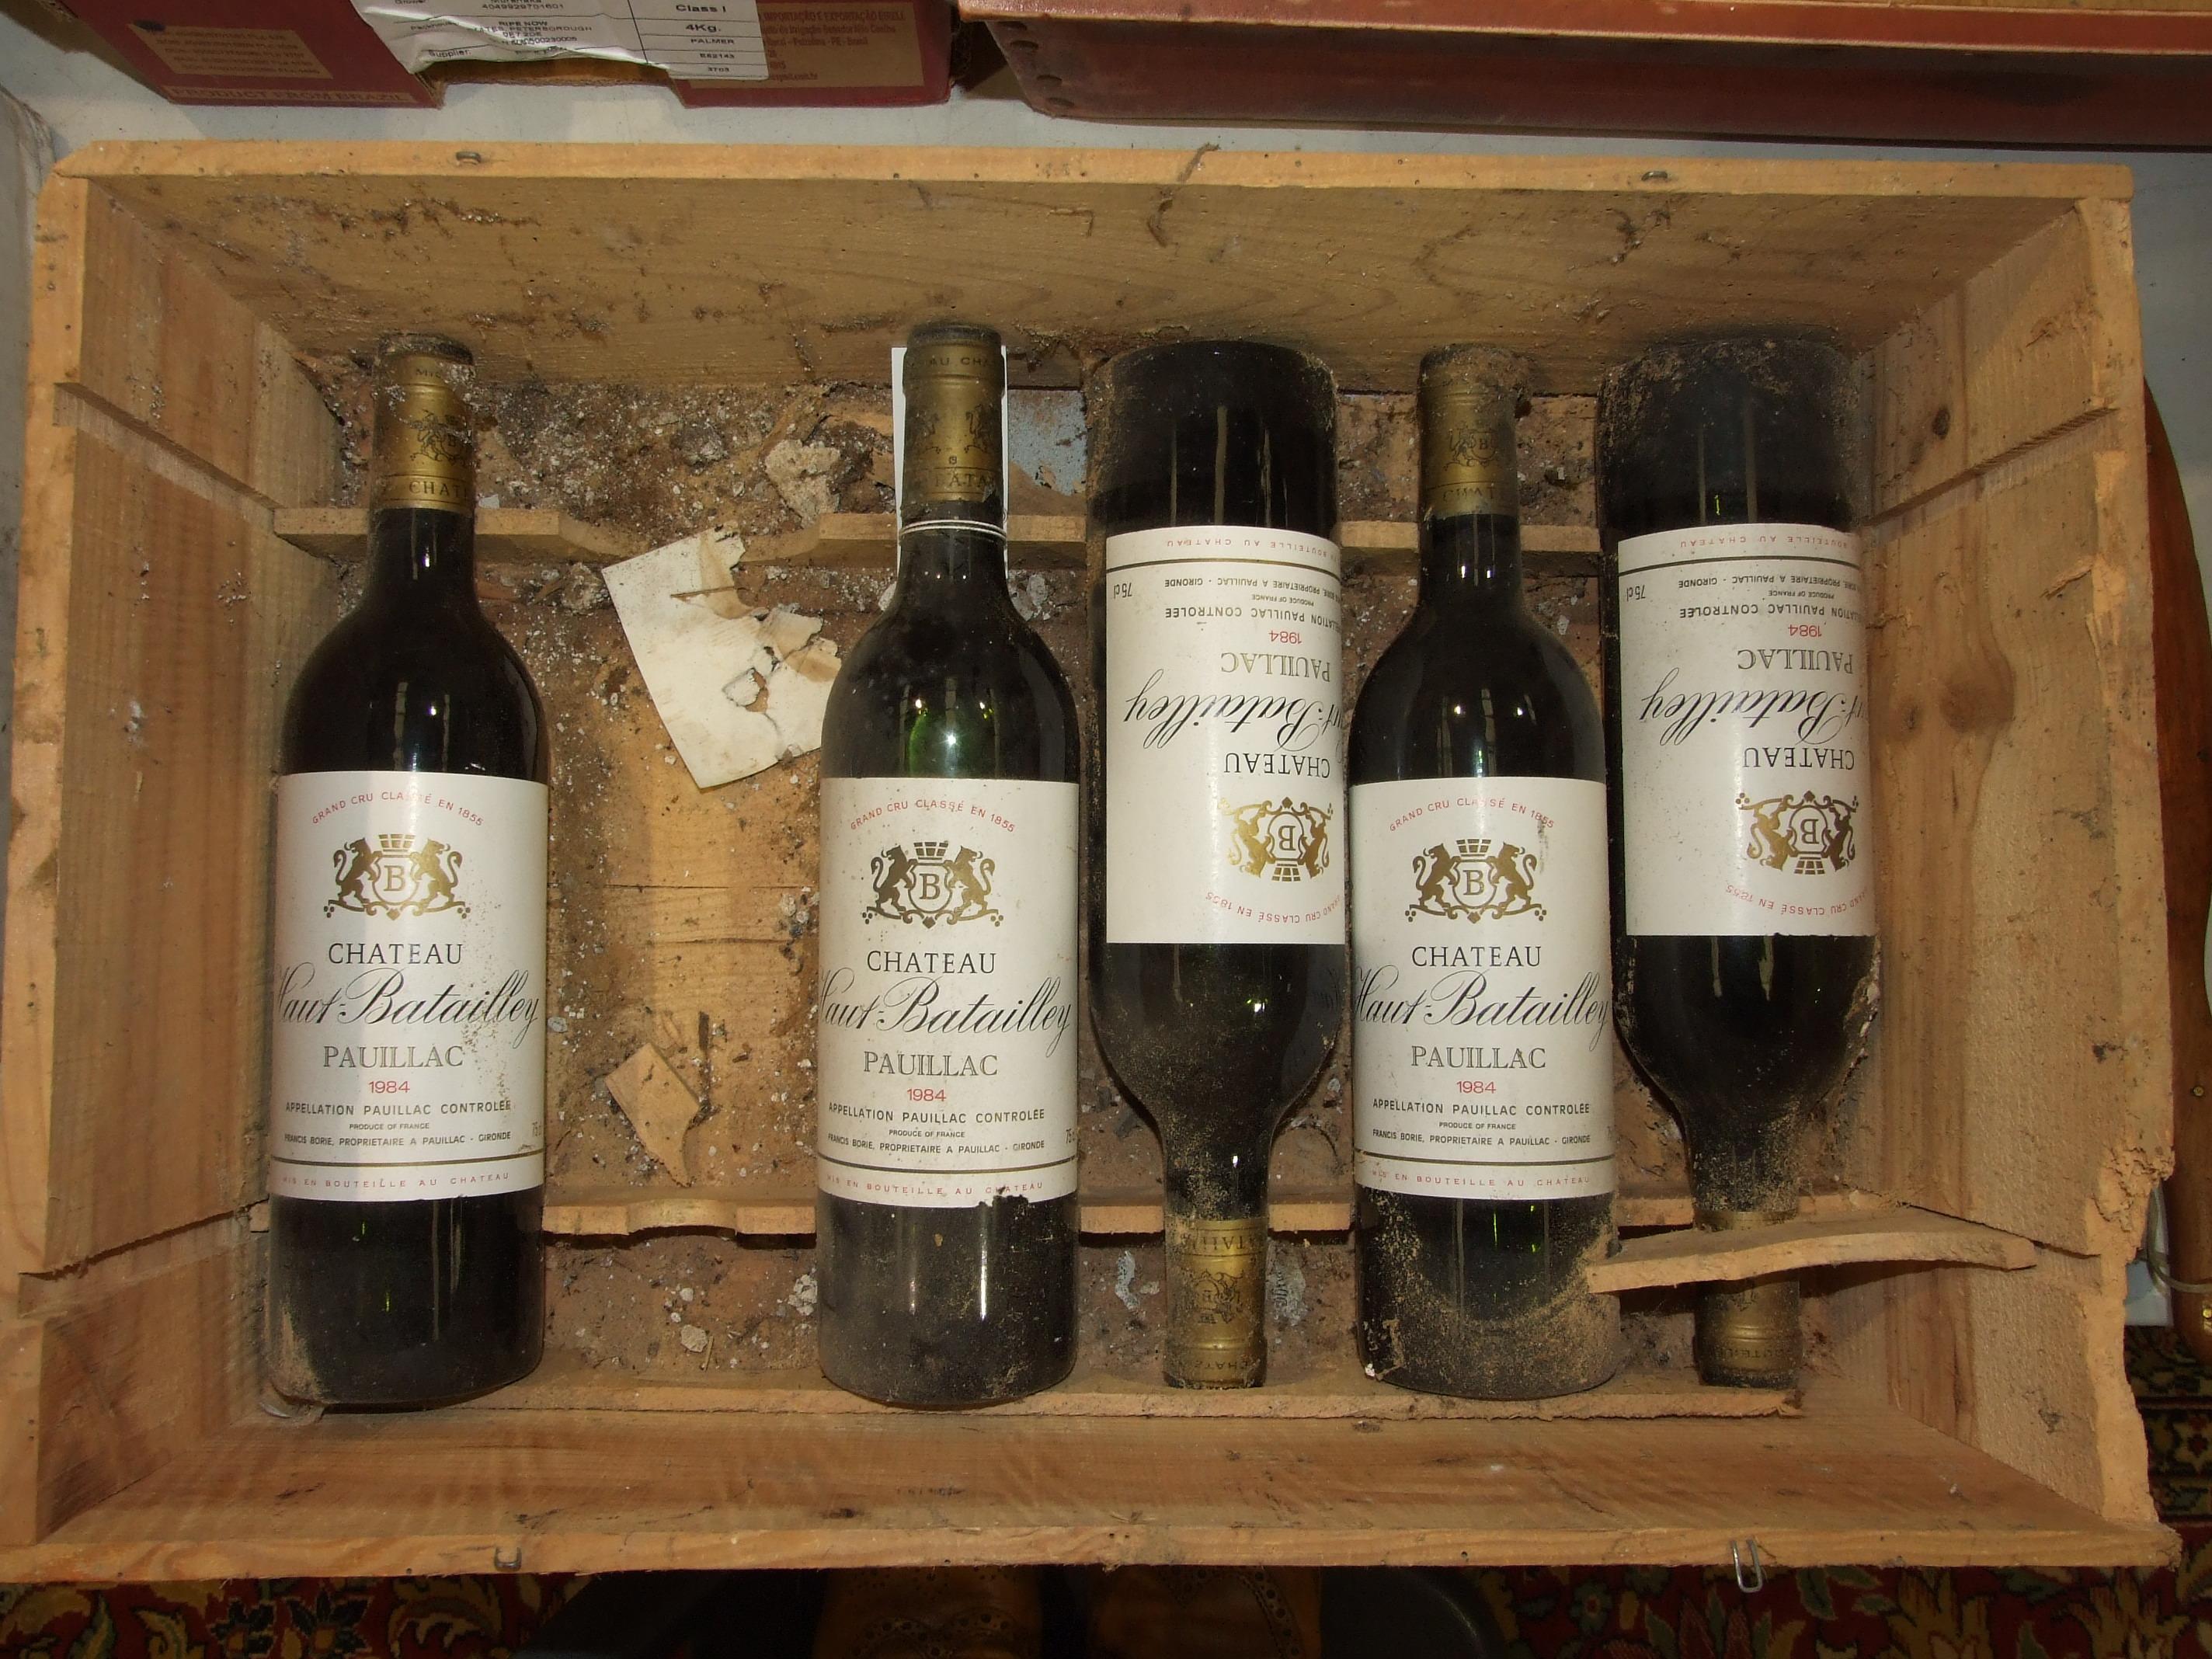 Lot 14 - France, Chateau Haut Batailley Paulliac 1984, high shoulder, good labels, five bottles, (5).